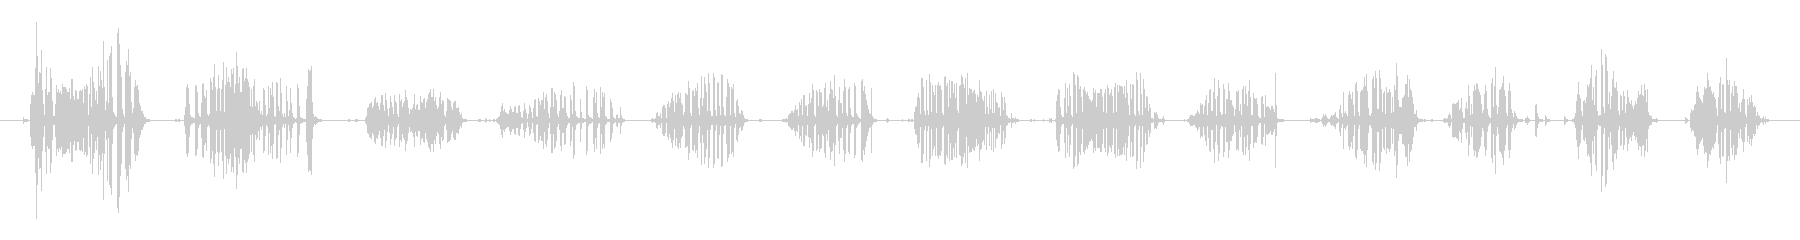 発泡スチロールのきしみ音ときしみ音の未再生の波形